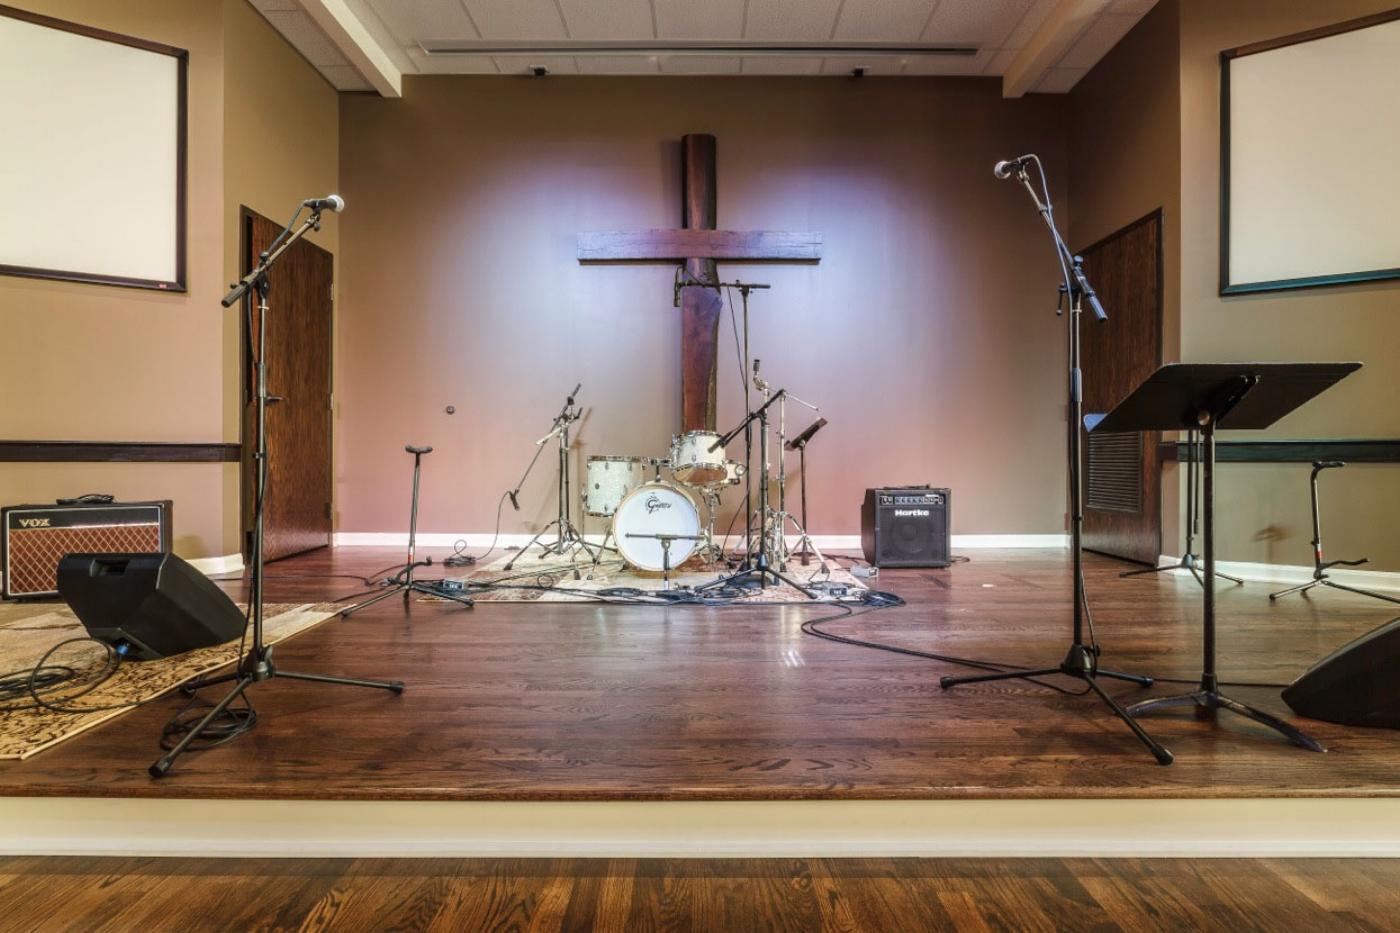 Baptist Church Floor 2